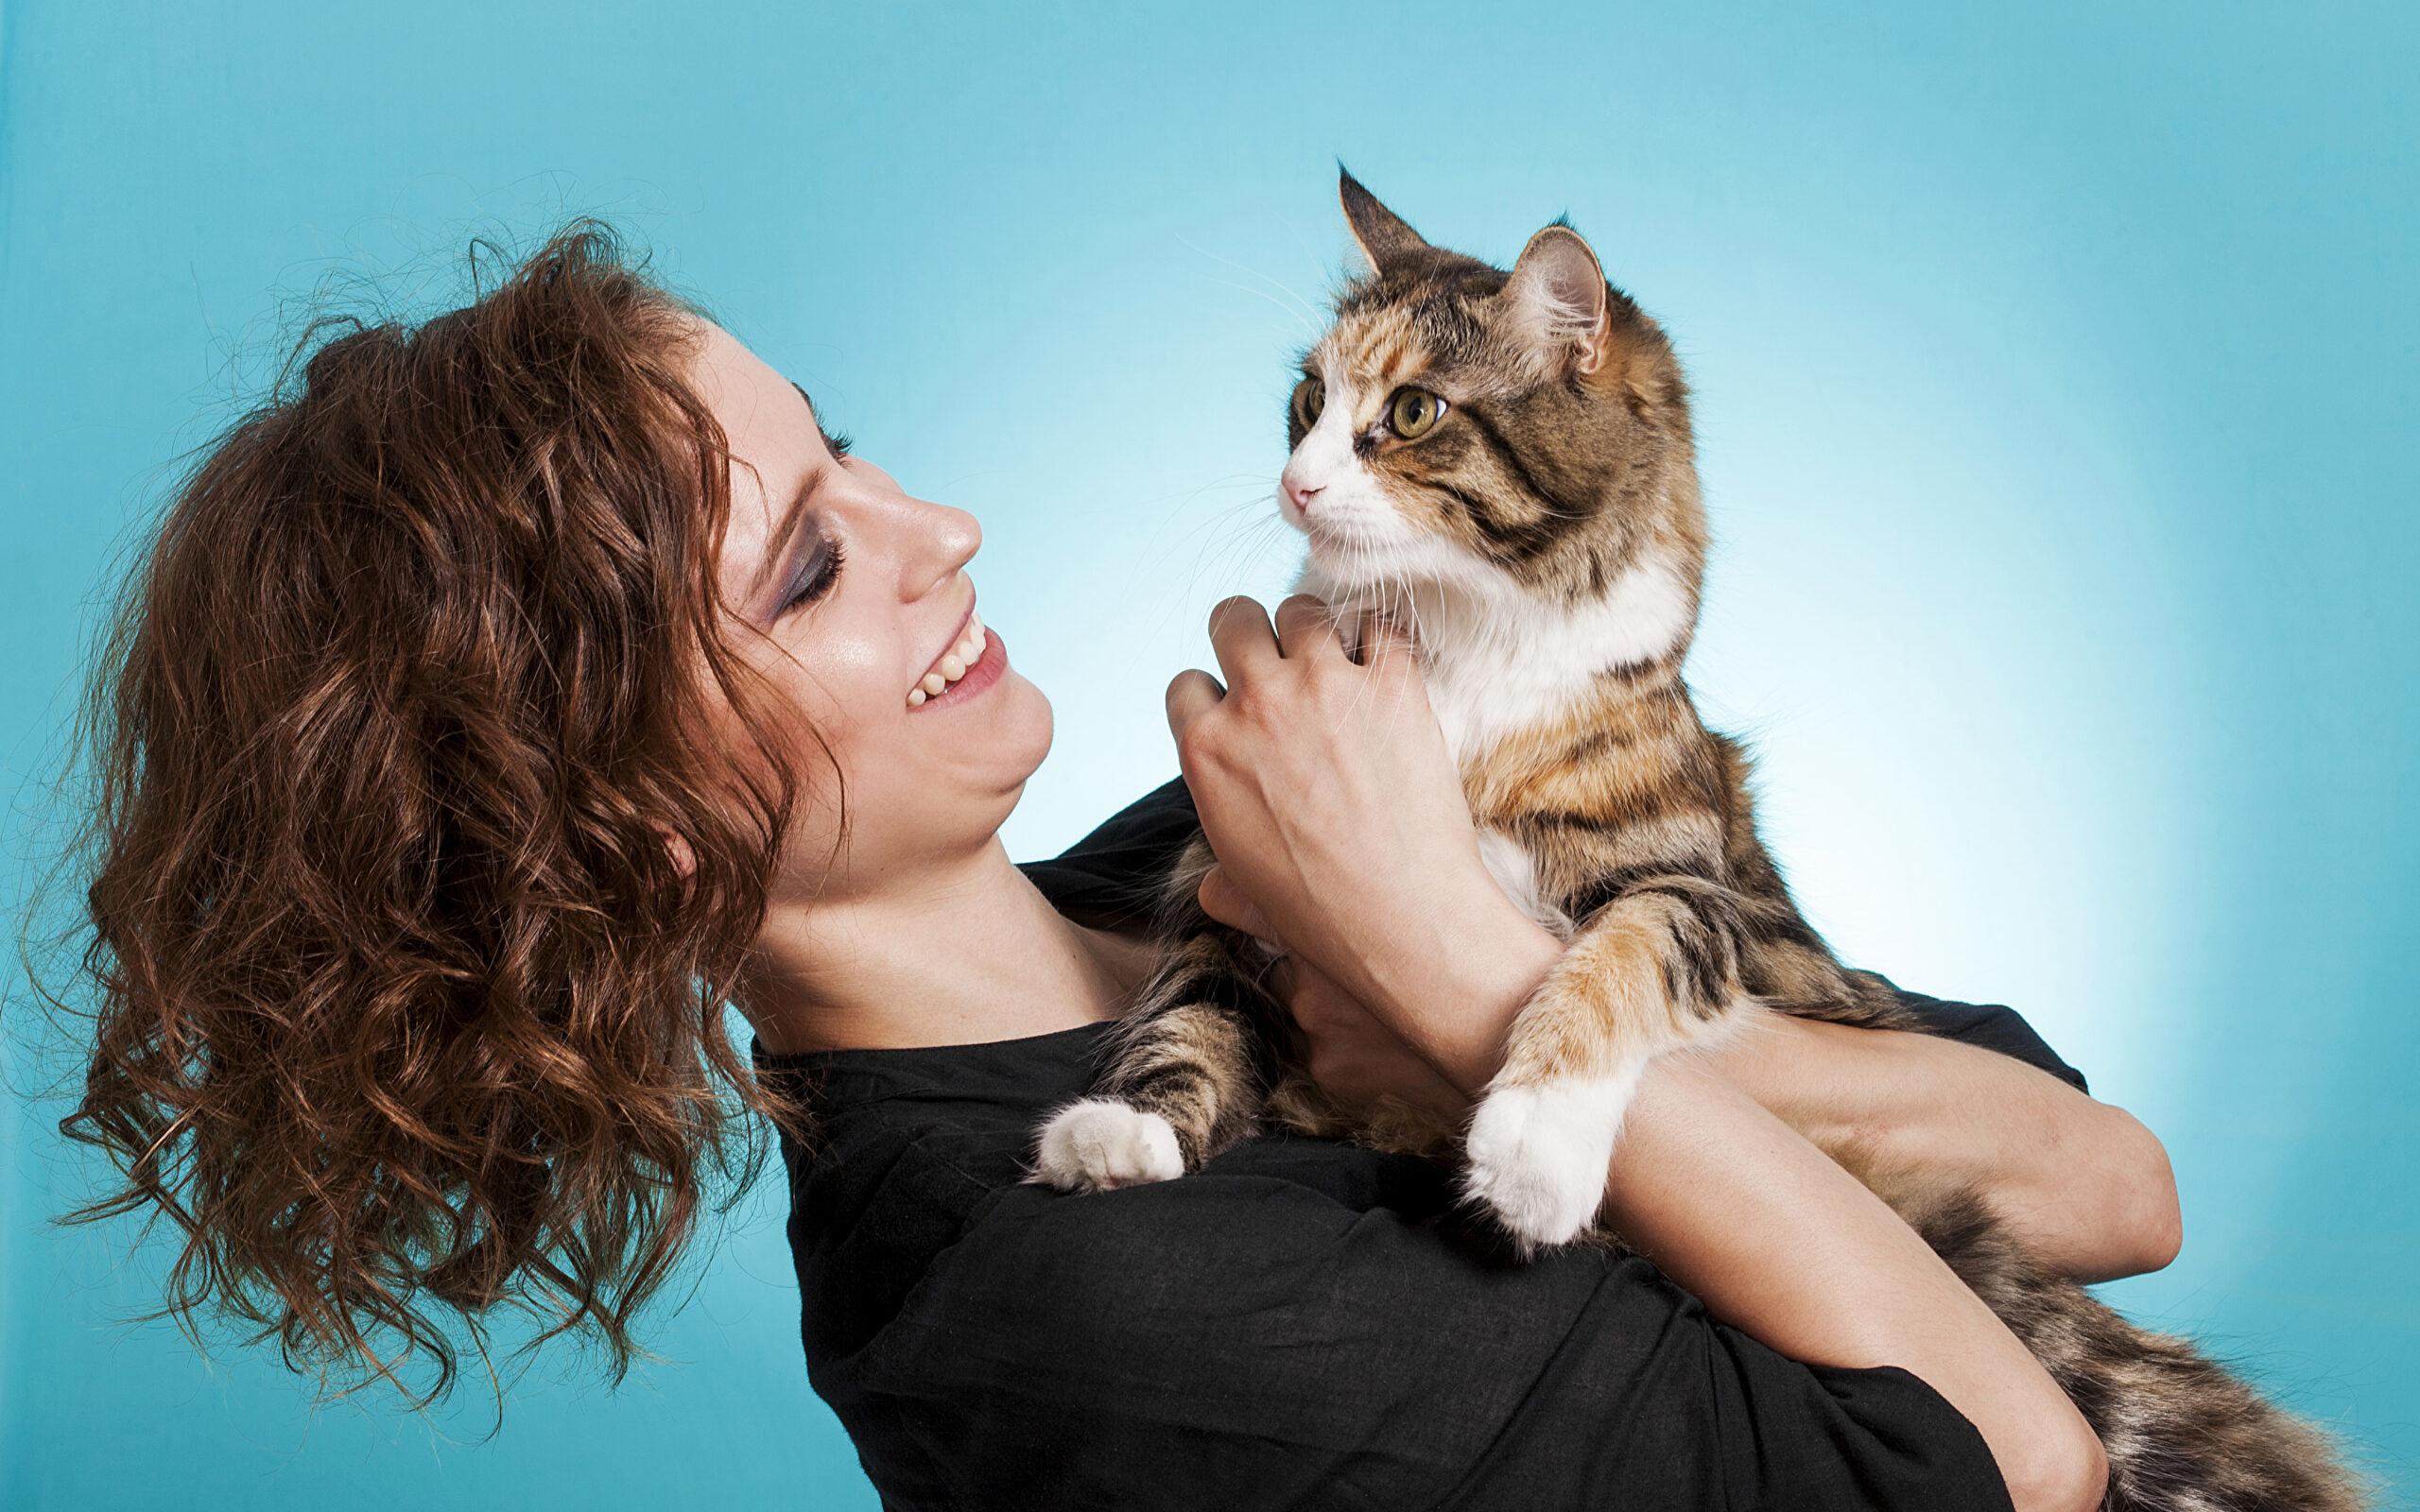 Кошкотерапия или как кошки лечат людей